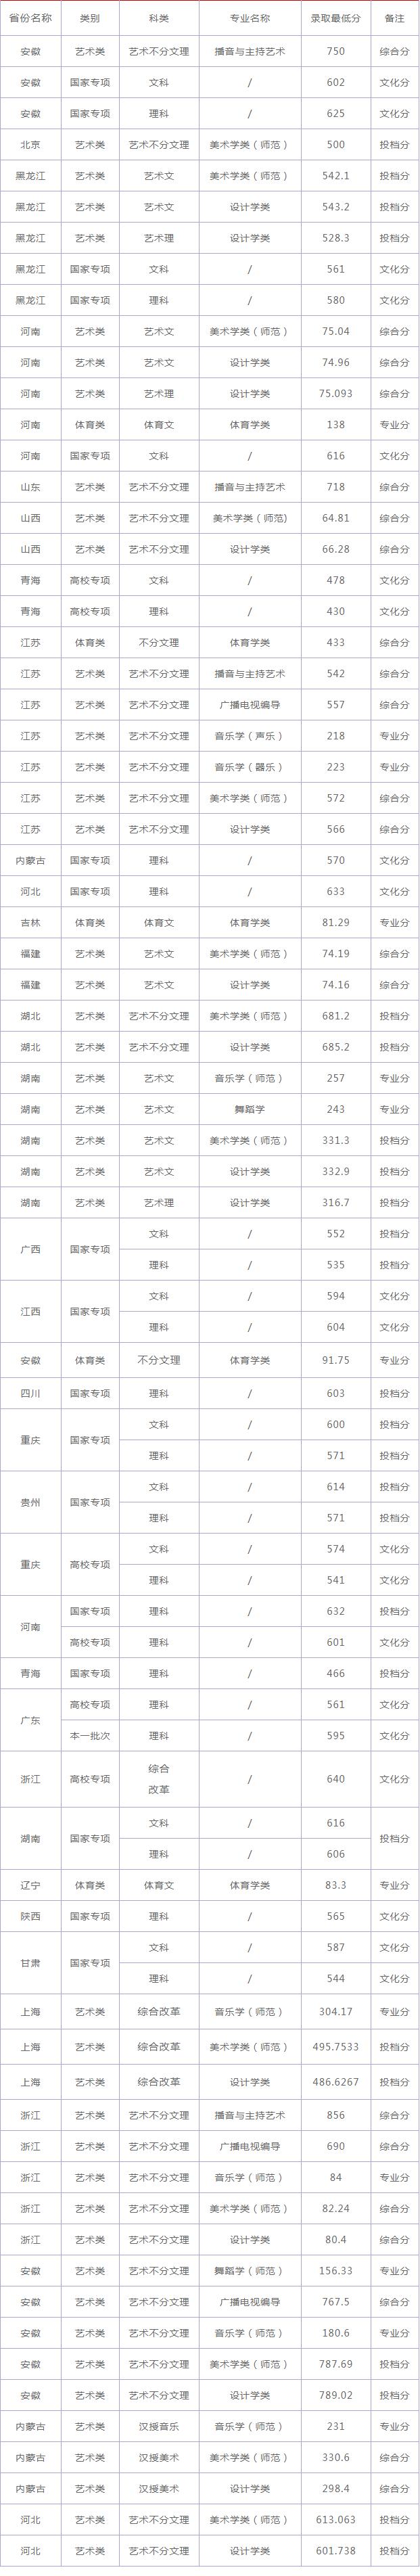 南京师范大学2021年录取分数线